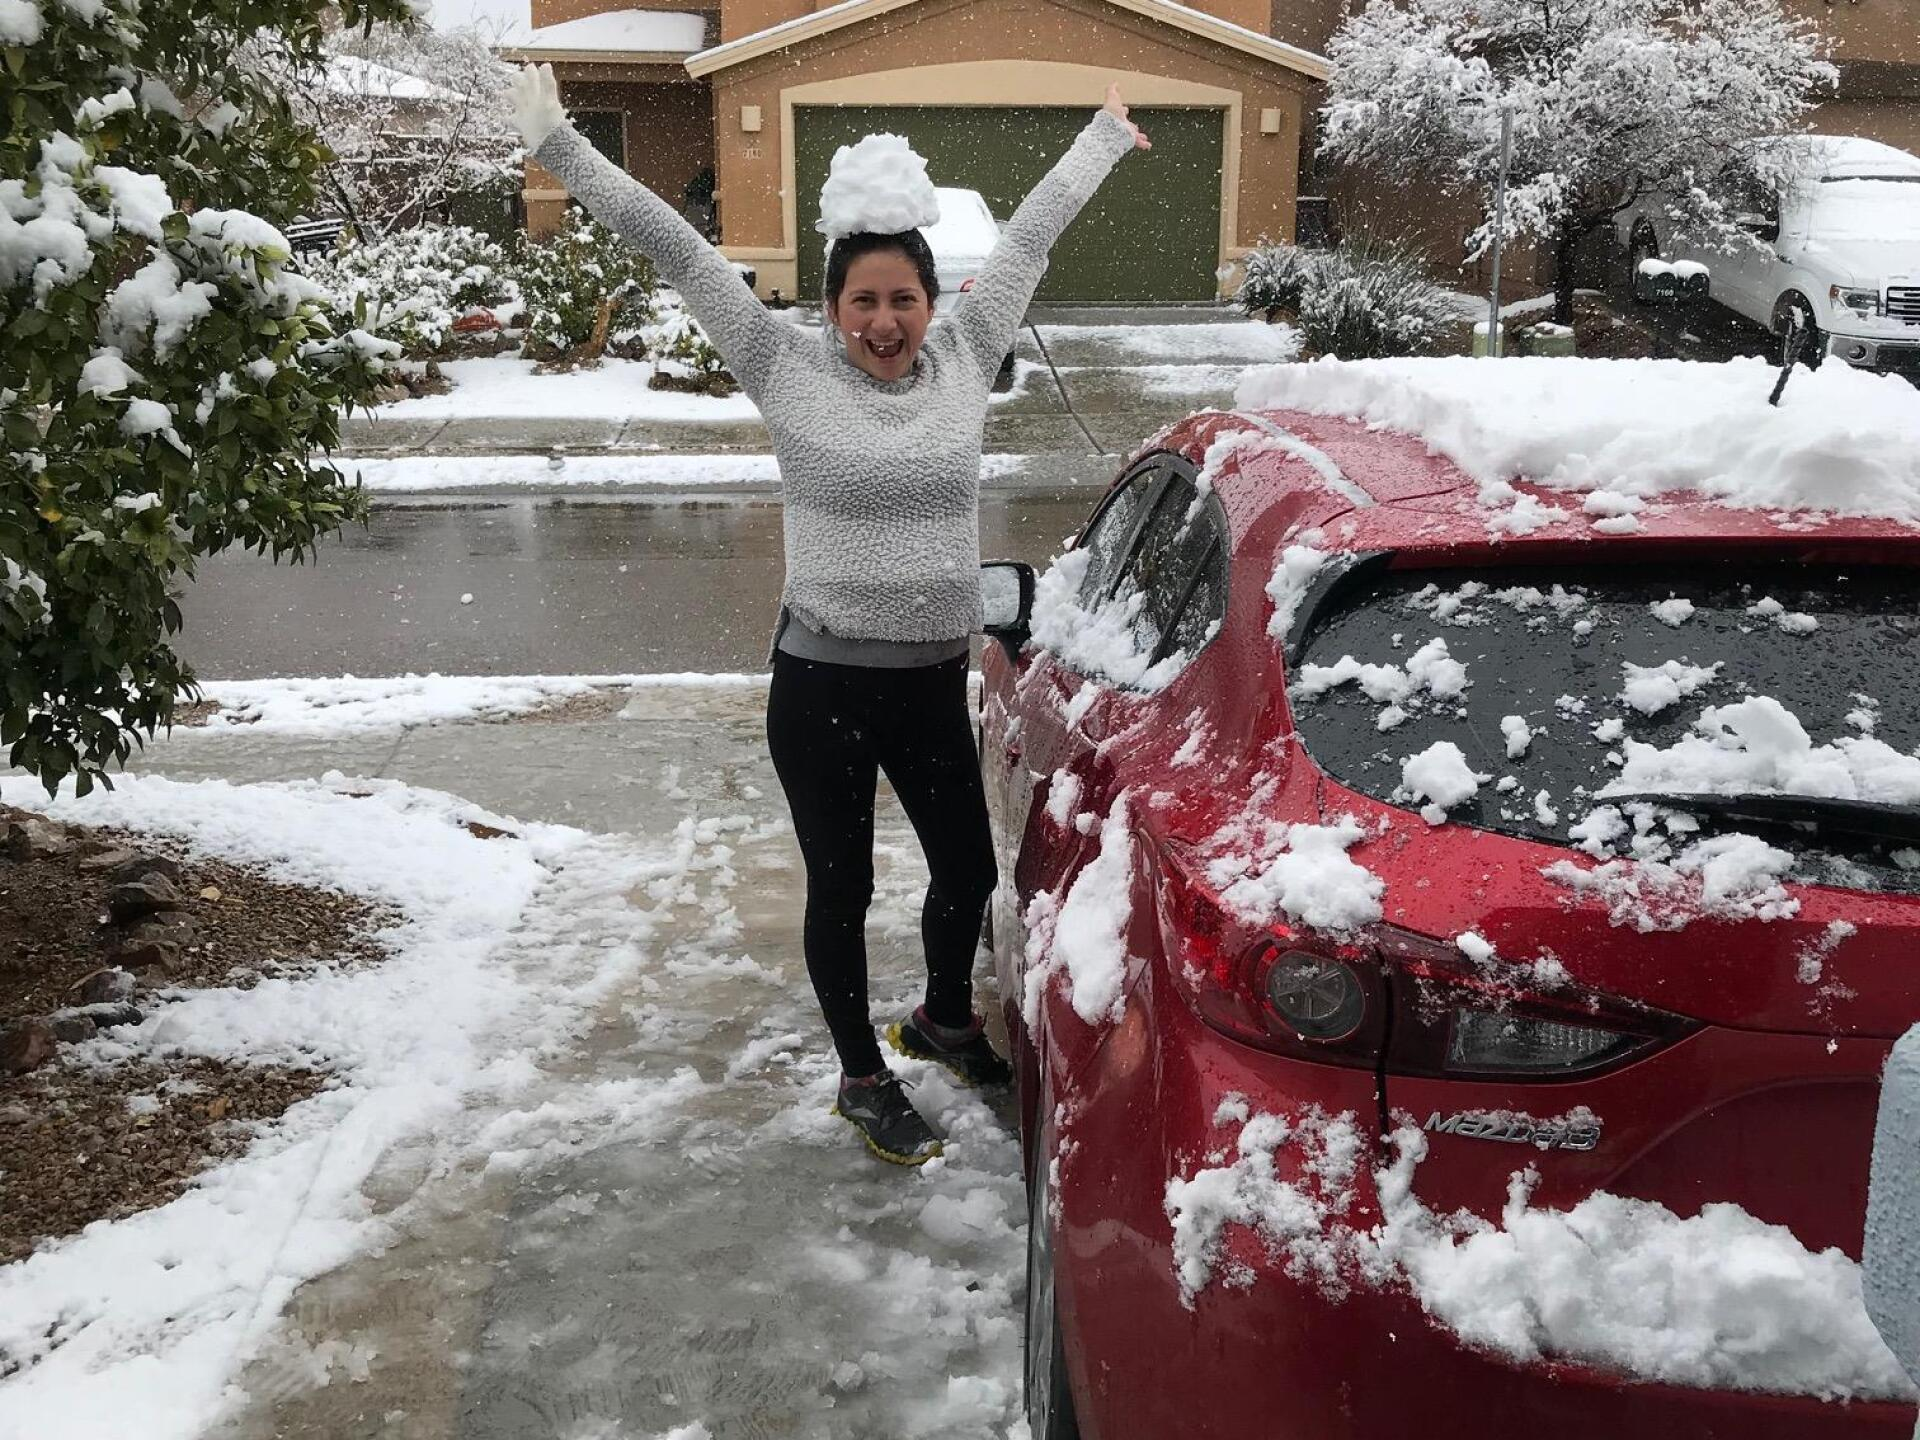 gabriela-orellana-snow-day-in-tucson-2.jpg